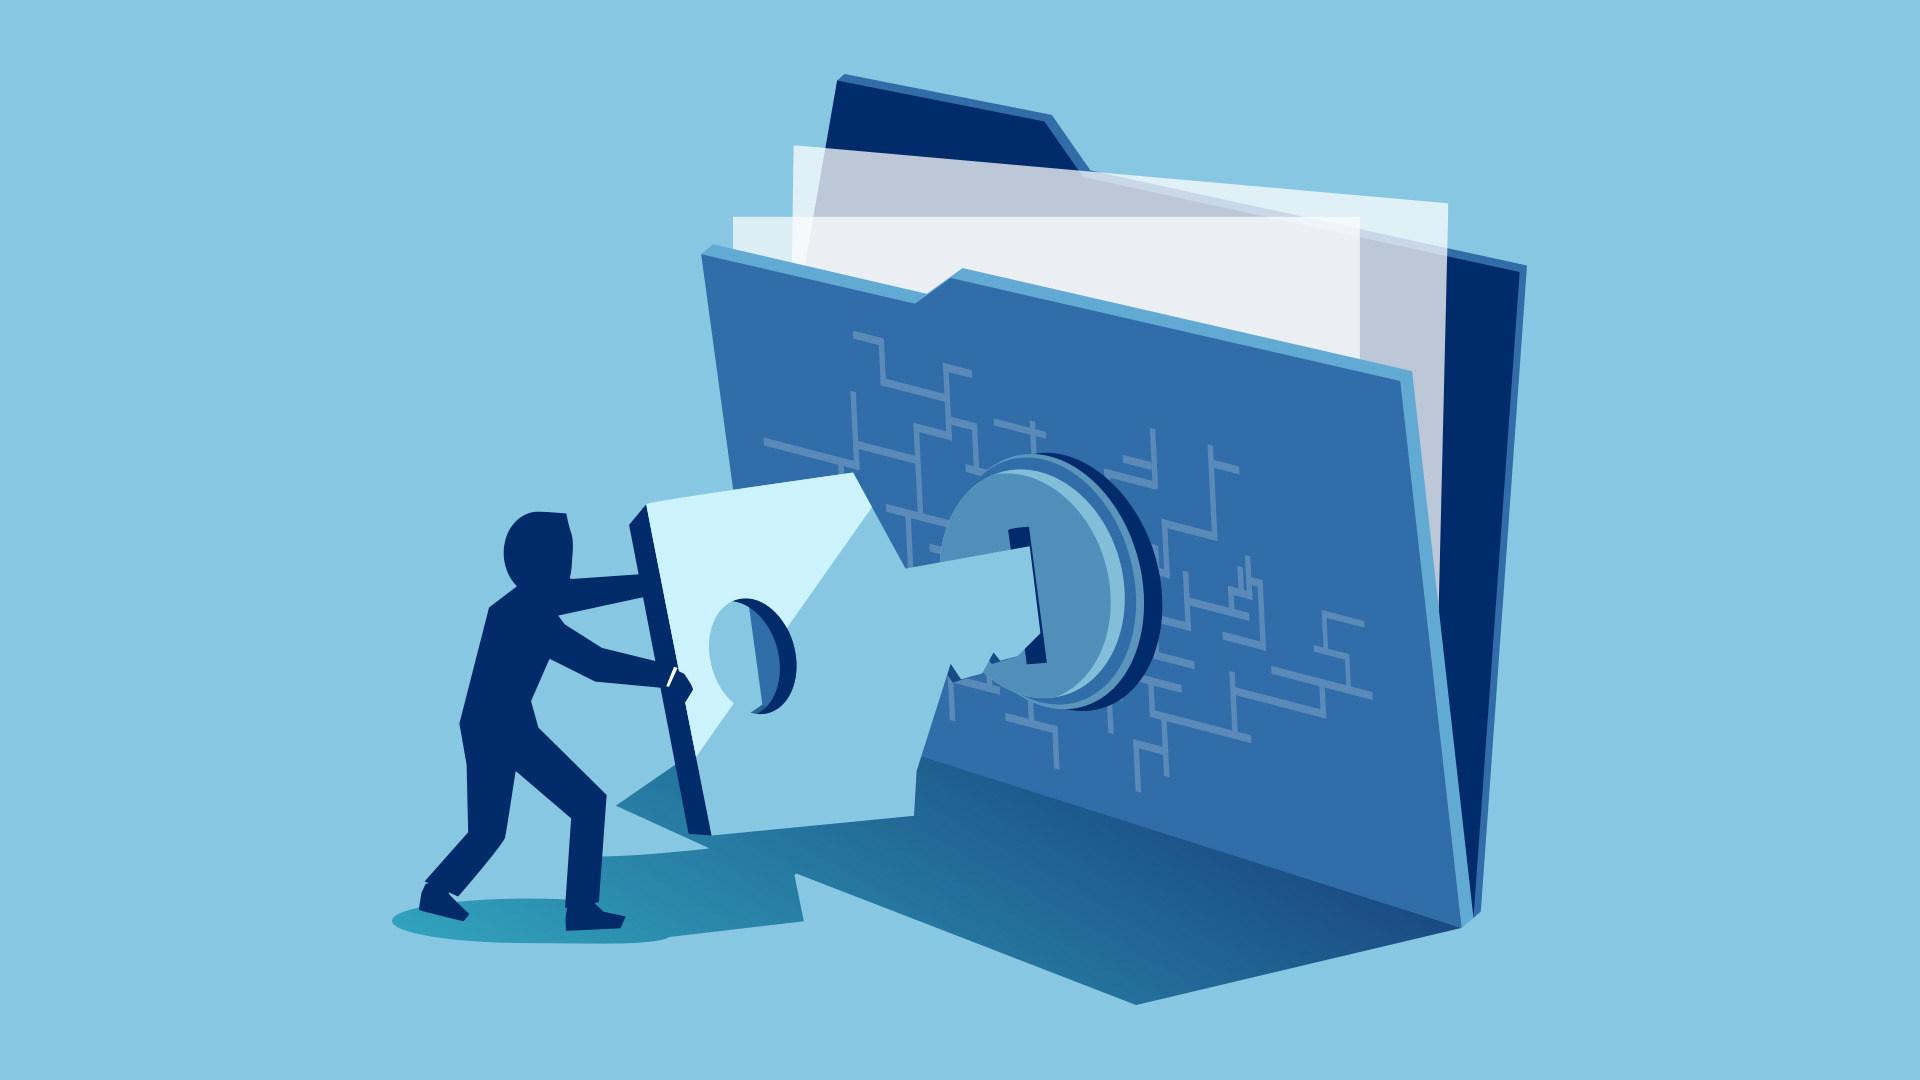 Sicherheit, Datenschutz, Privatsphäre, Verschlüsselung, Kryptographie, Schlüssel, Ende-zu-Ende-Verschlüsselung, schloss, Absicherung, Ordner, Verschlüsselungssoftware, Öffnen